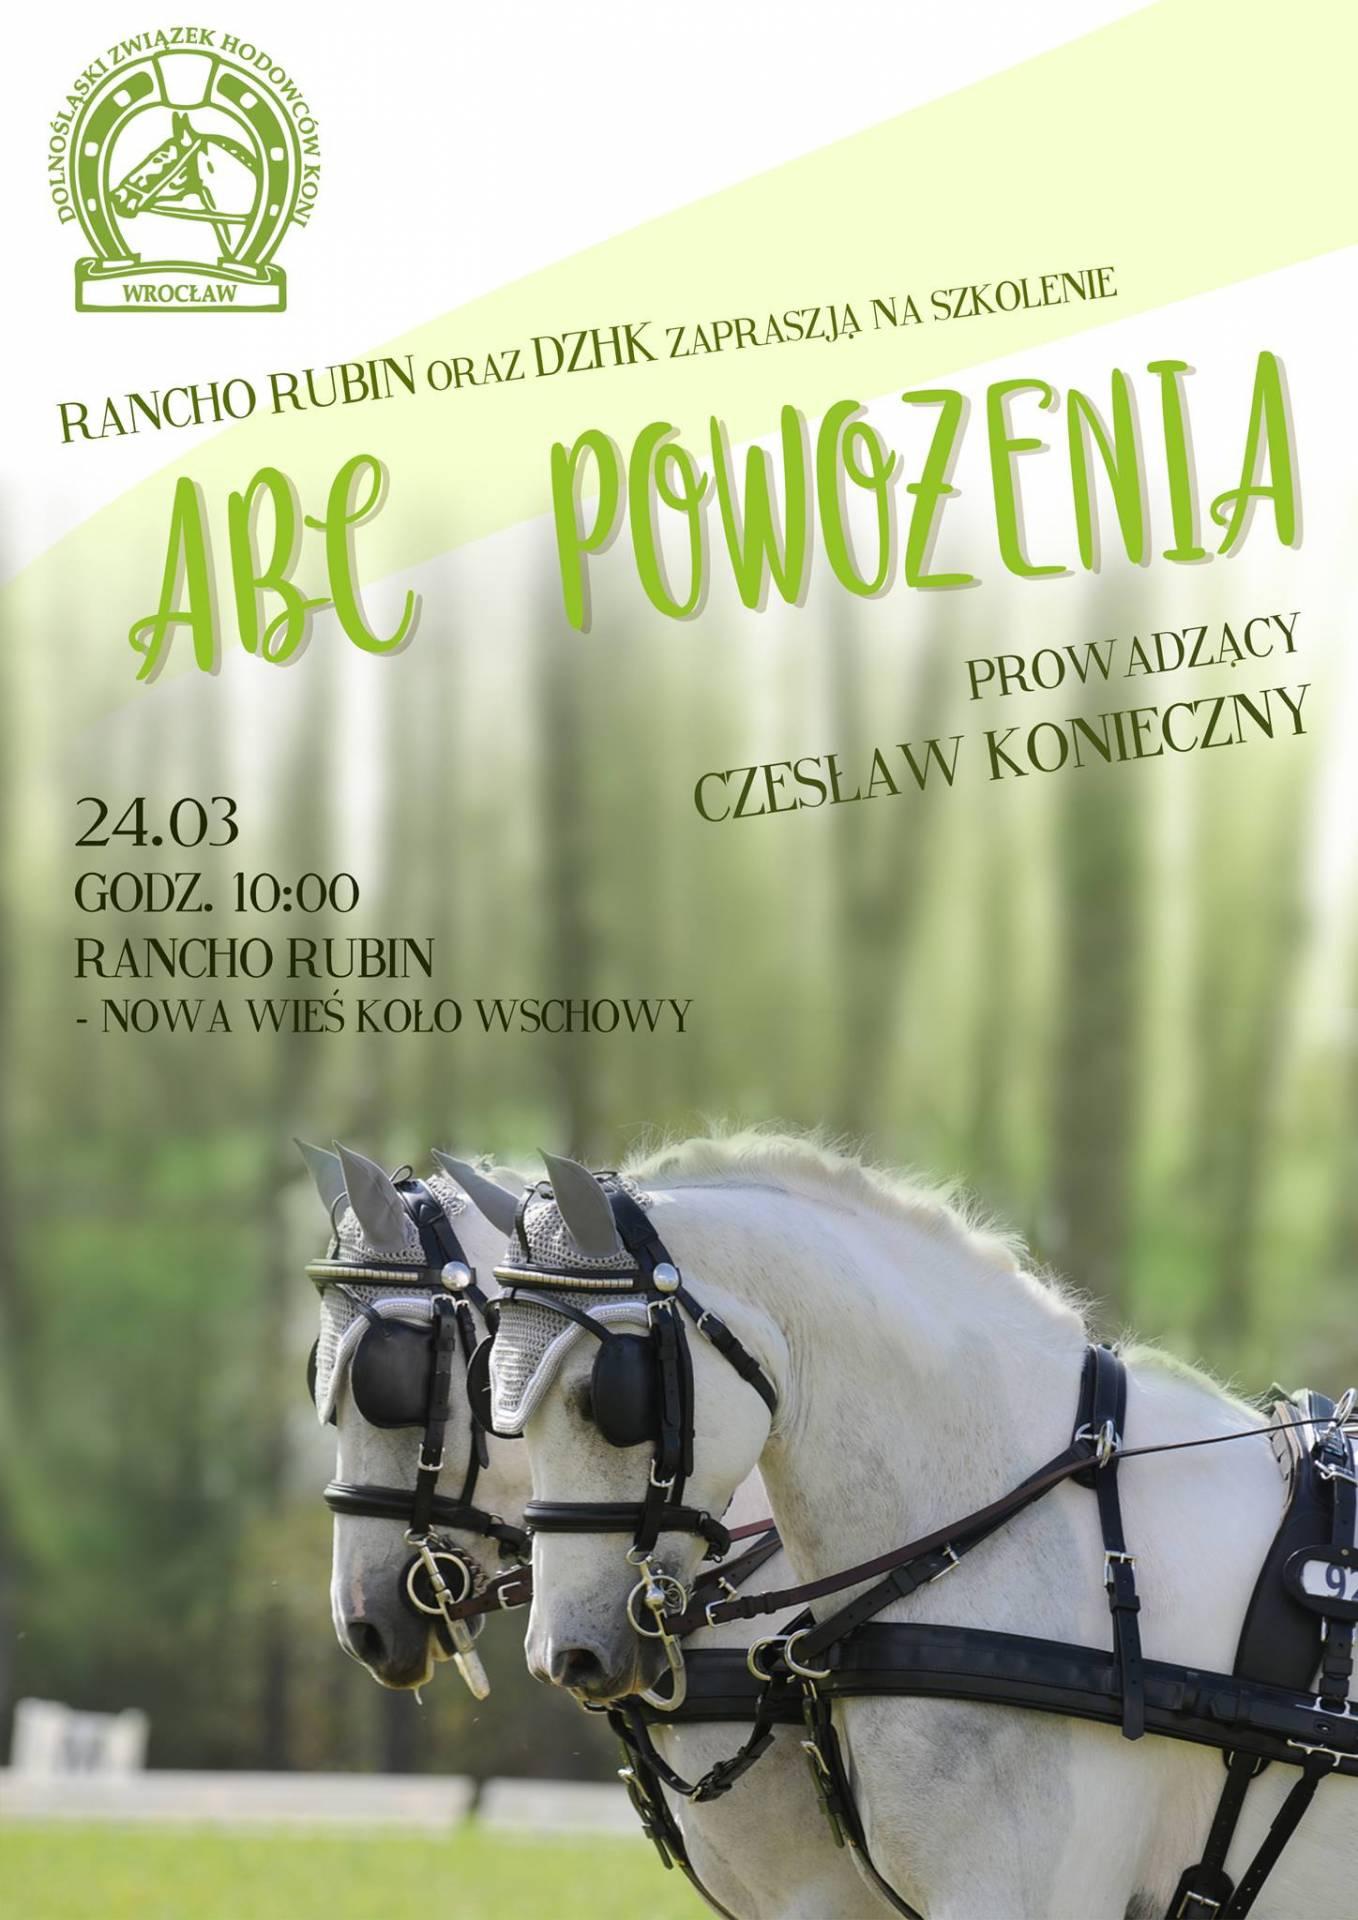 ABC Powożenia-szkolenie 24.03.2018 Wschowa